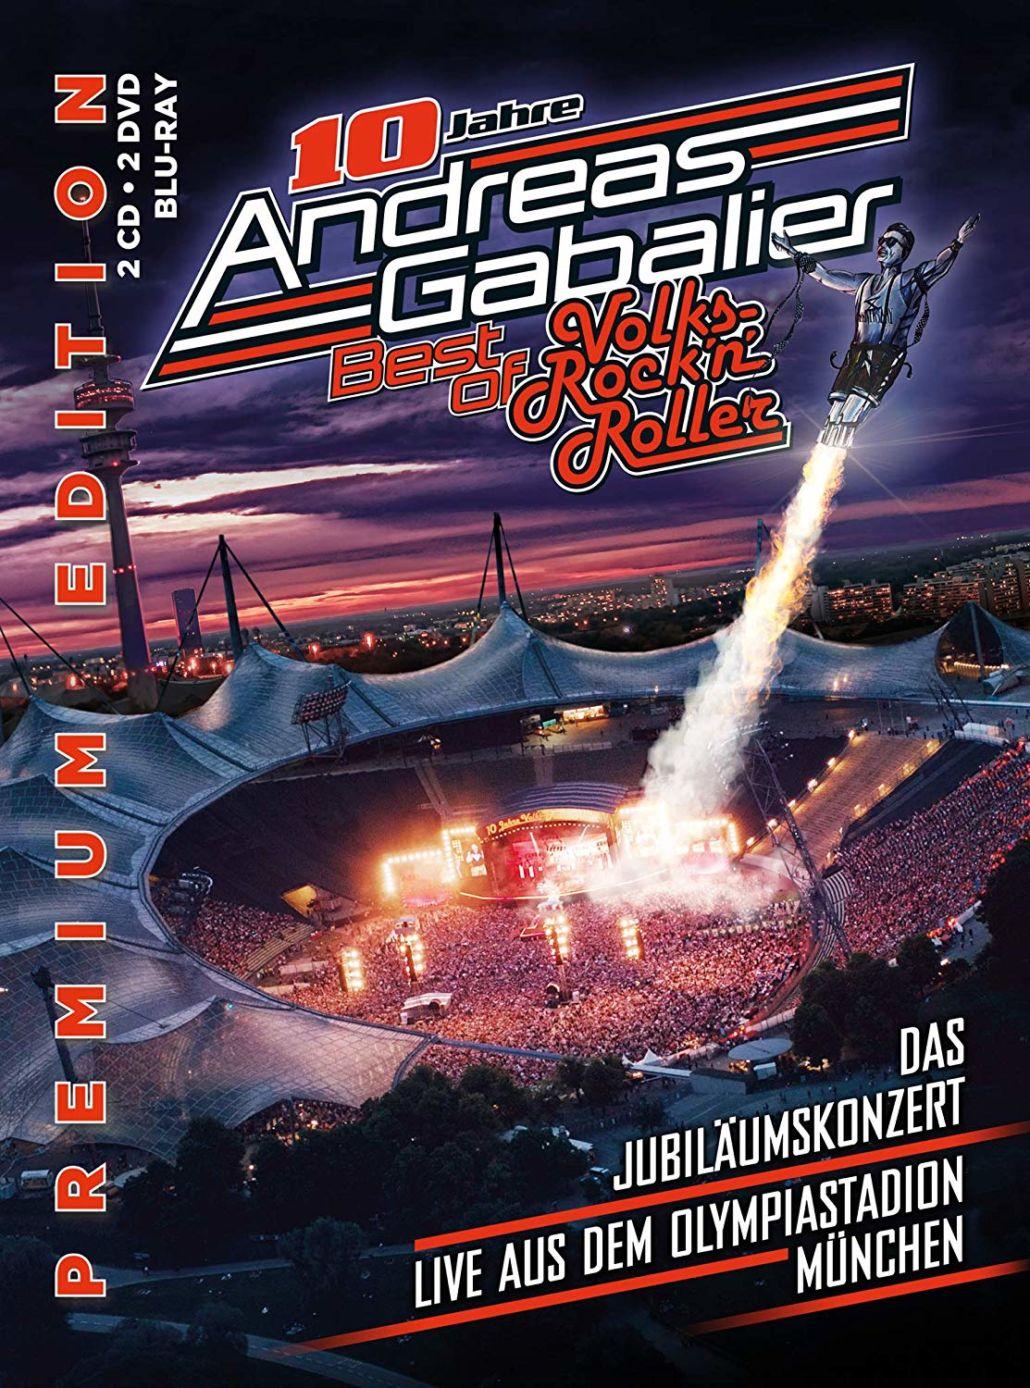 Andreas Gabalier: Volks-Rock'n'Roller – Jubiläumskonzert live aus München